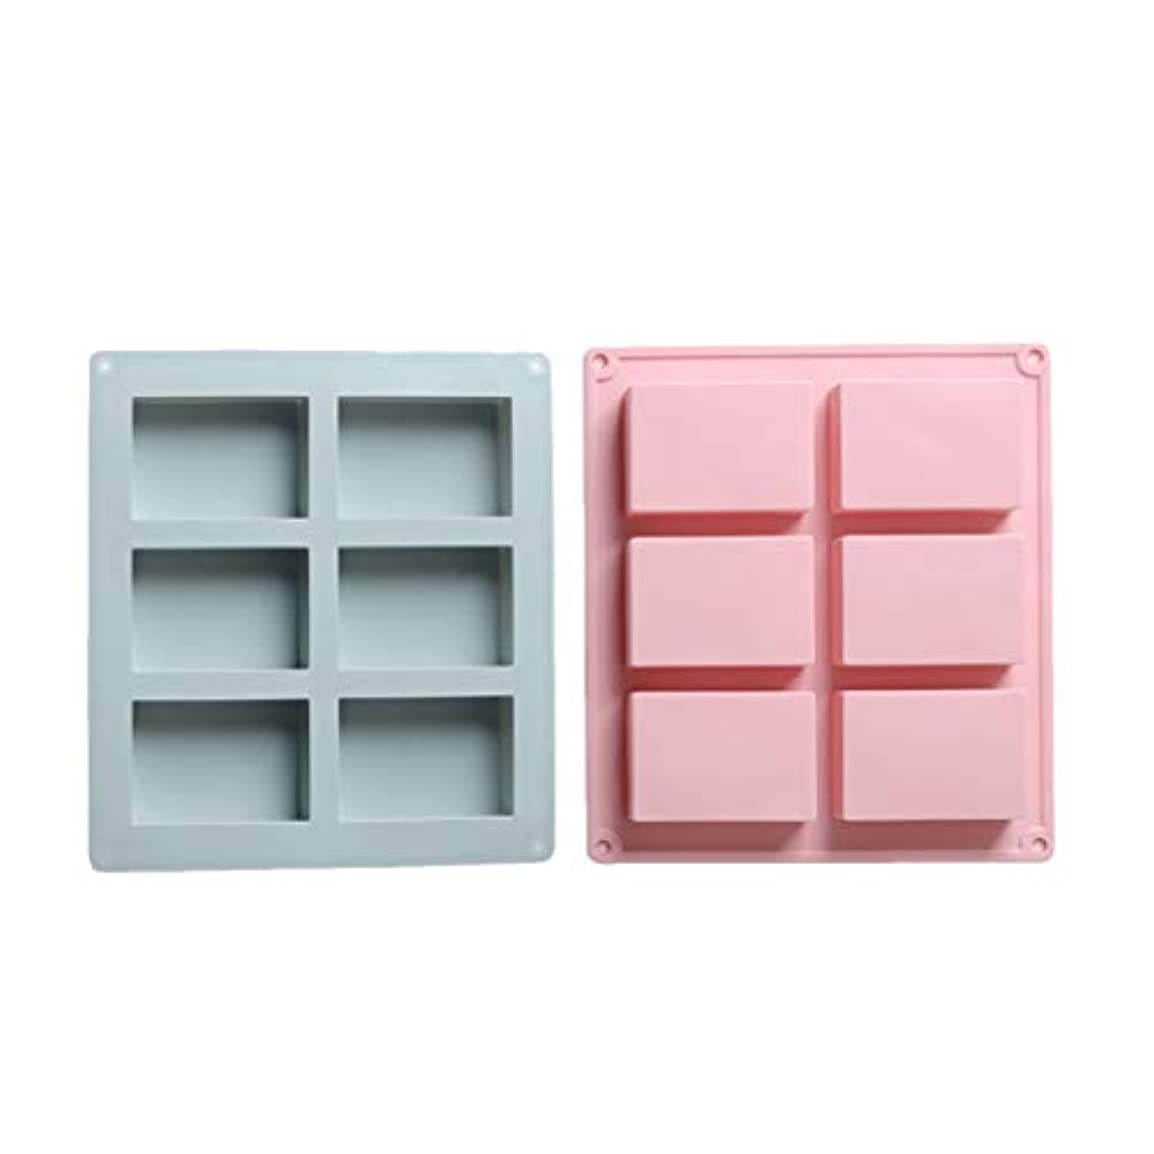 推定美人オーブンSUPVOX シリコン長方形モールドソープチョコレートキャンドルとゼリーブラウン2個(青とピンク)を作るための6つのキャビティ